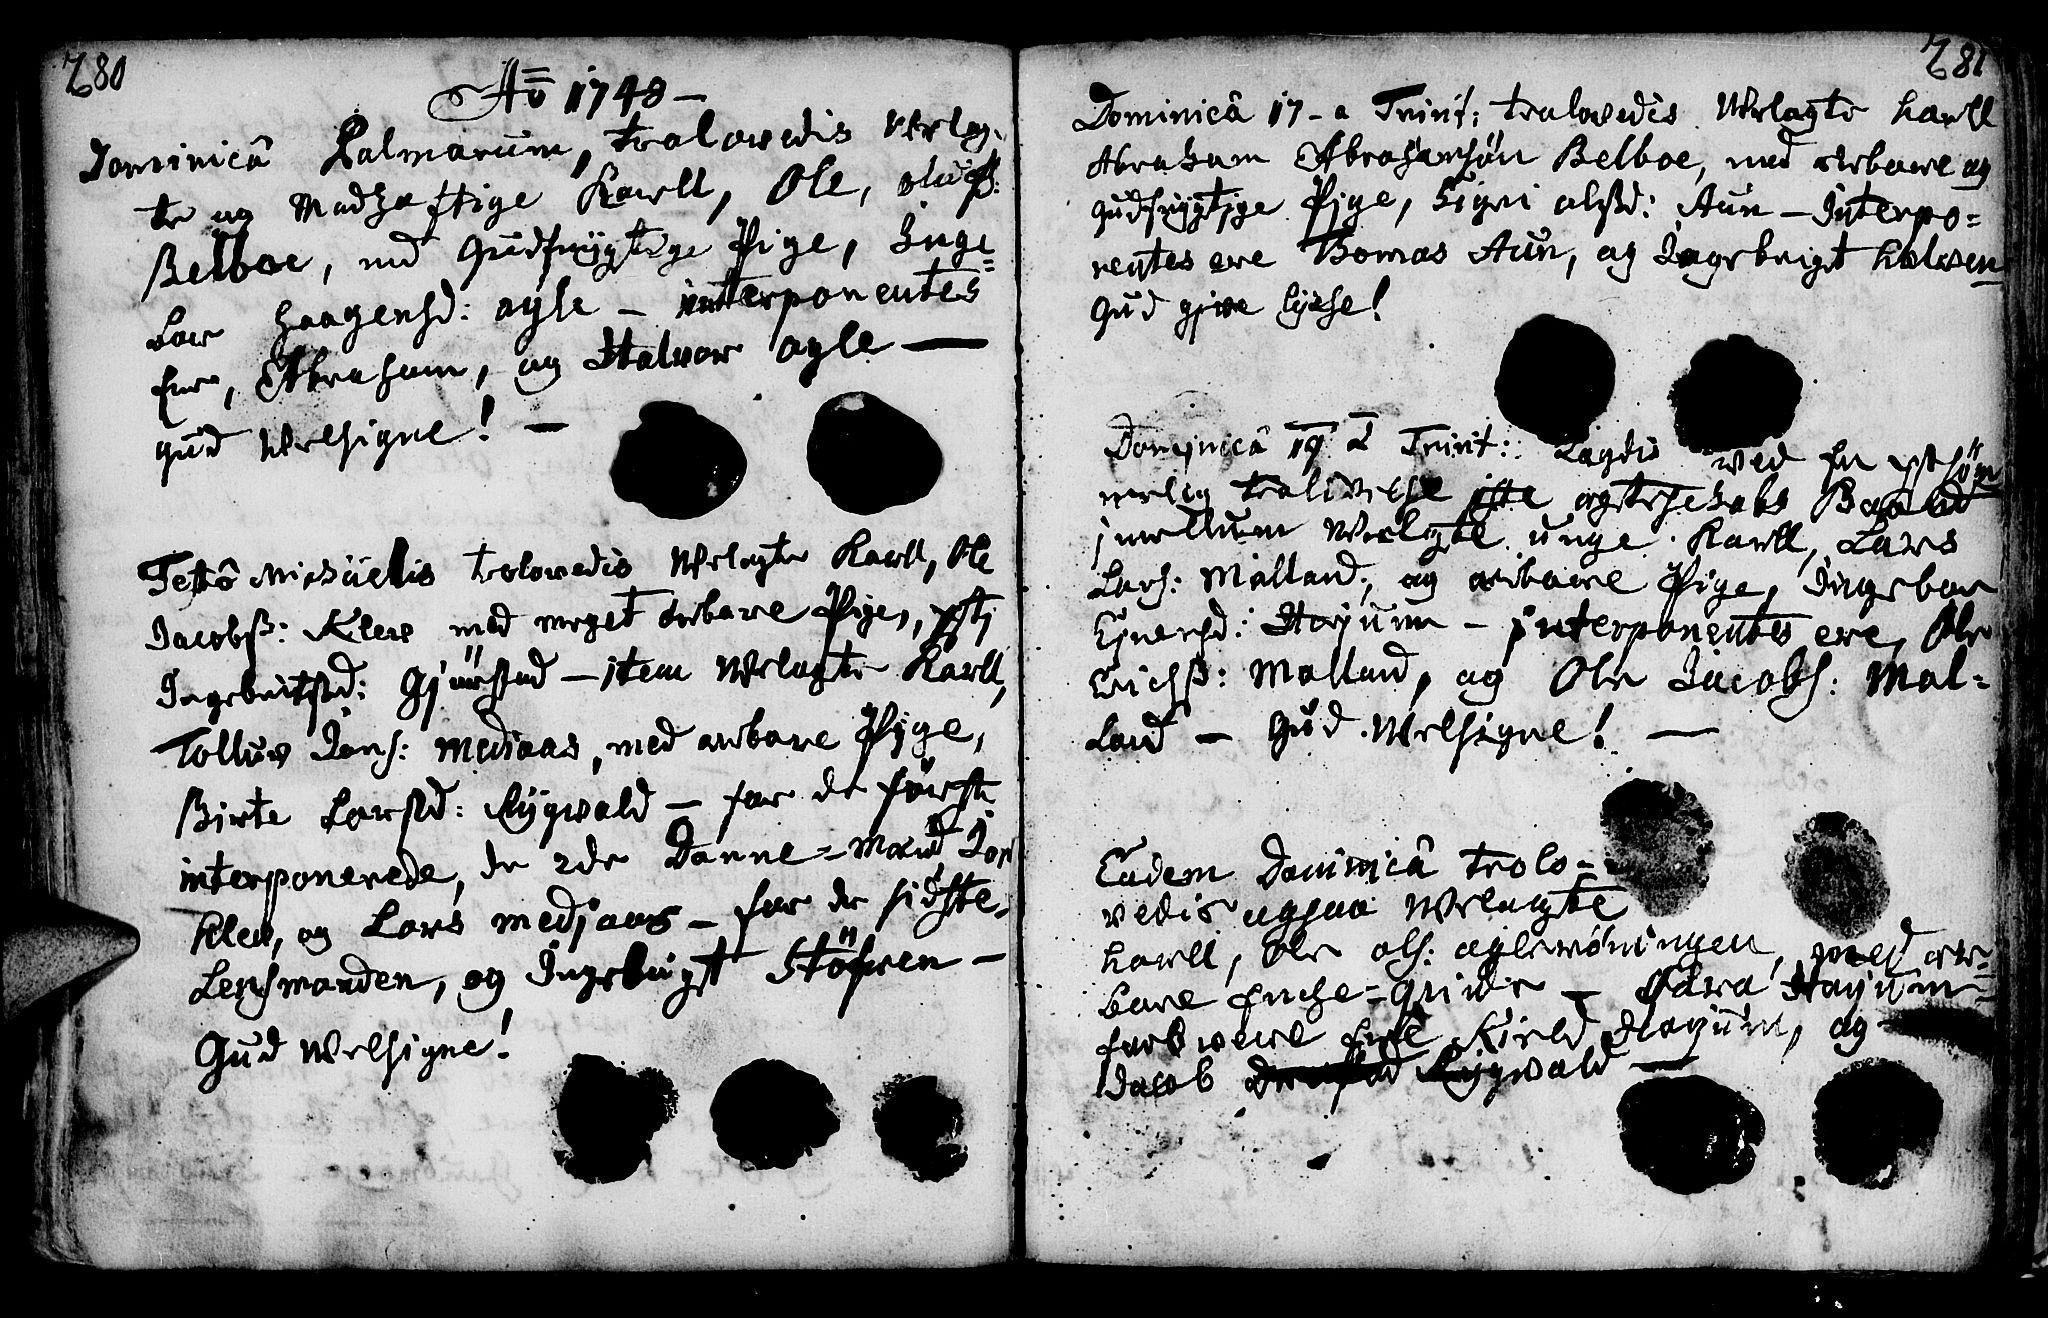 SAT, Ministerialprotokoller, klokkerbøker og fødselsregistre - Nord-Trøndelag, 749/L0467: Ministerialbok nr. 749A01, 1733-1787, s. 280-281